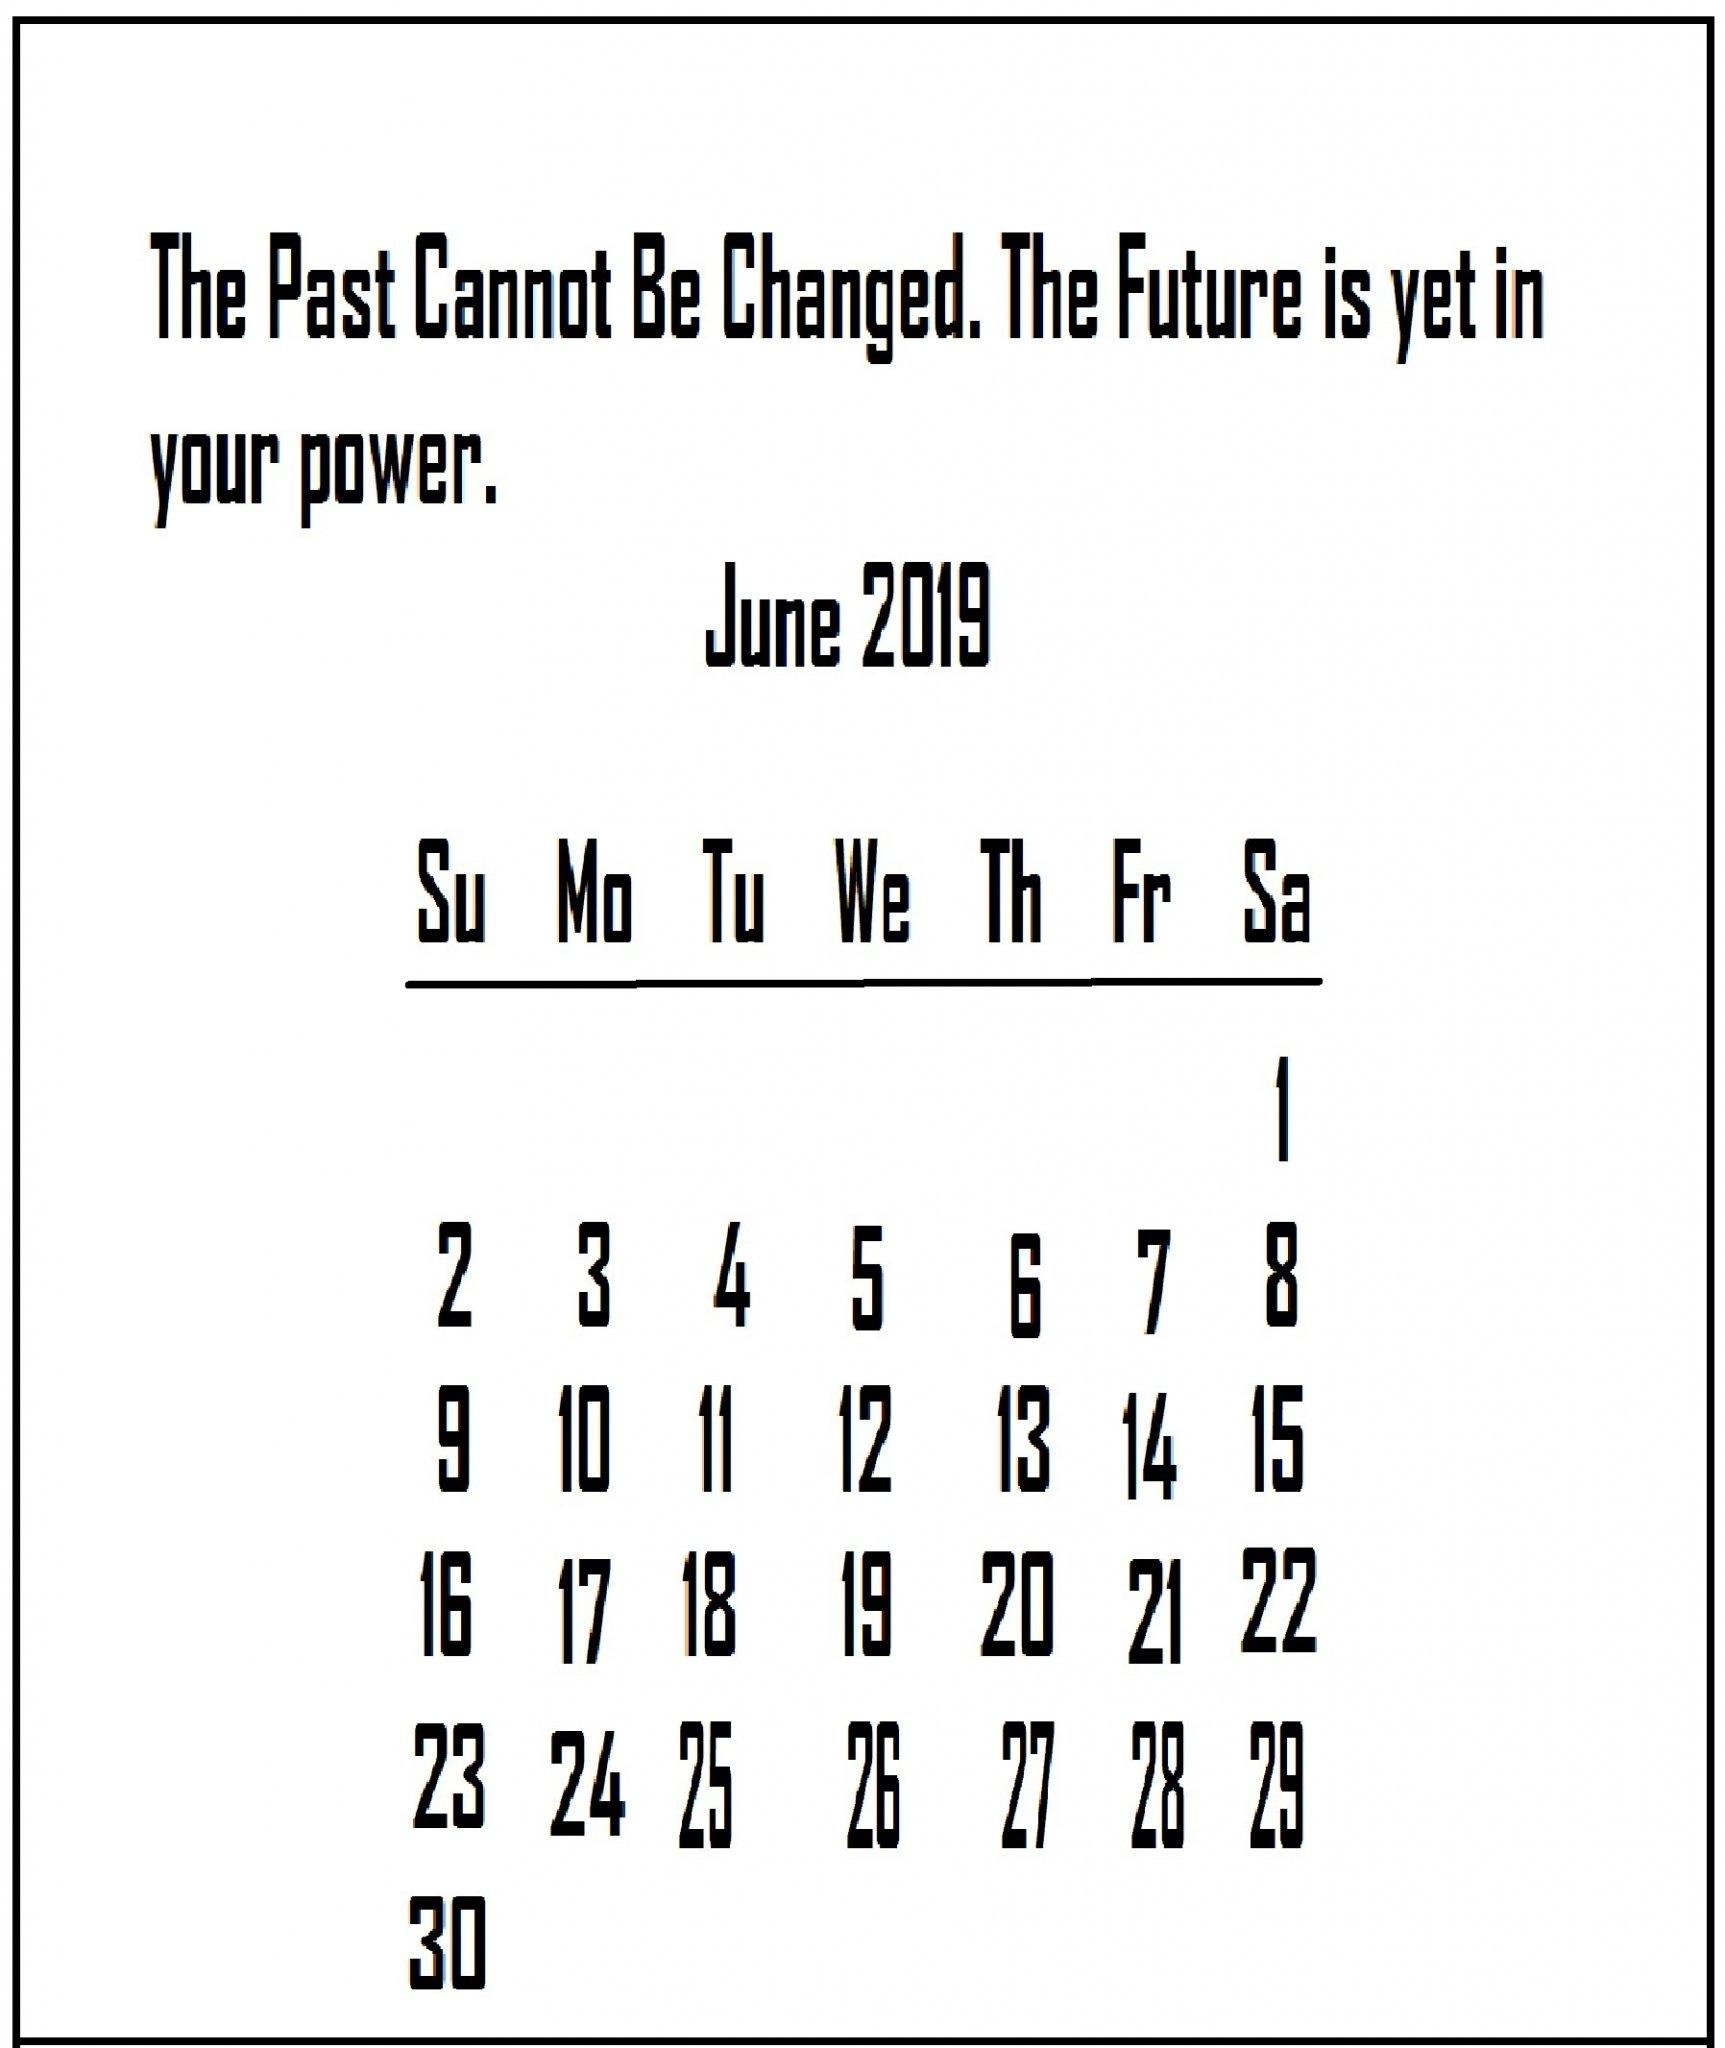 June 2019 Quotes Wallpaper Calendar